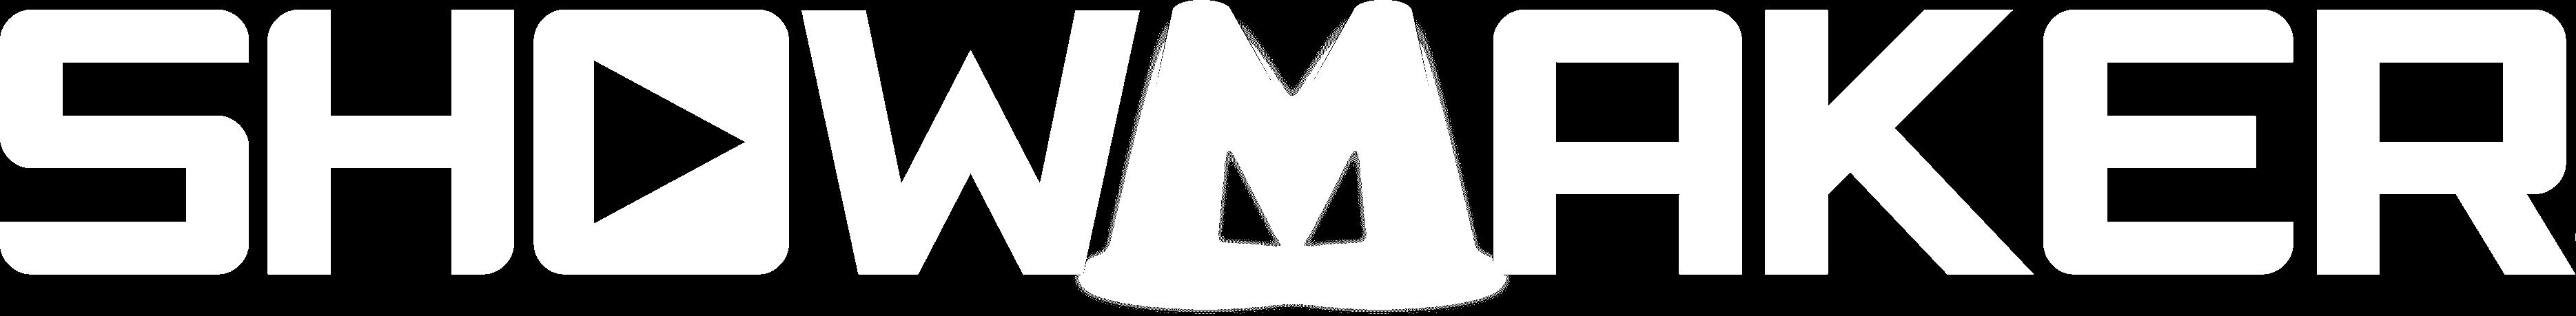 Télécharger Unity 2017.1. L'outil définitif pour créer des jeux vidéo. Unity est une plateforme de développement de jeux vidéo qui, en seulement cinq ans, est passé d'option préférée de nombreux développeurs indépendants grâce à sa facilité d'utilisation et son faible coût, à une alternative viable pour